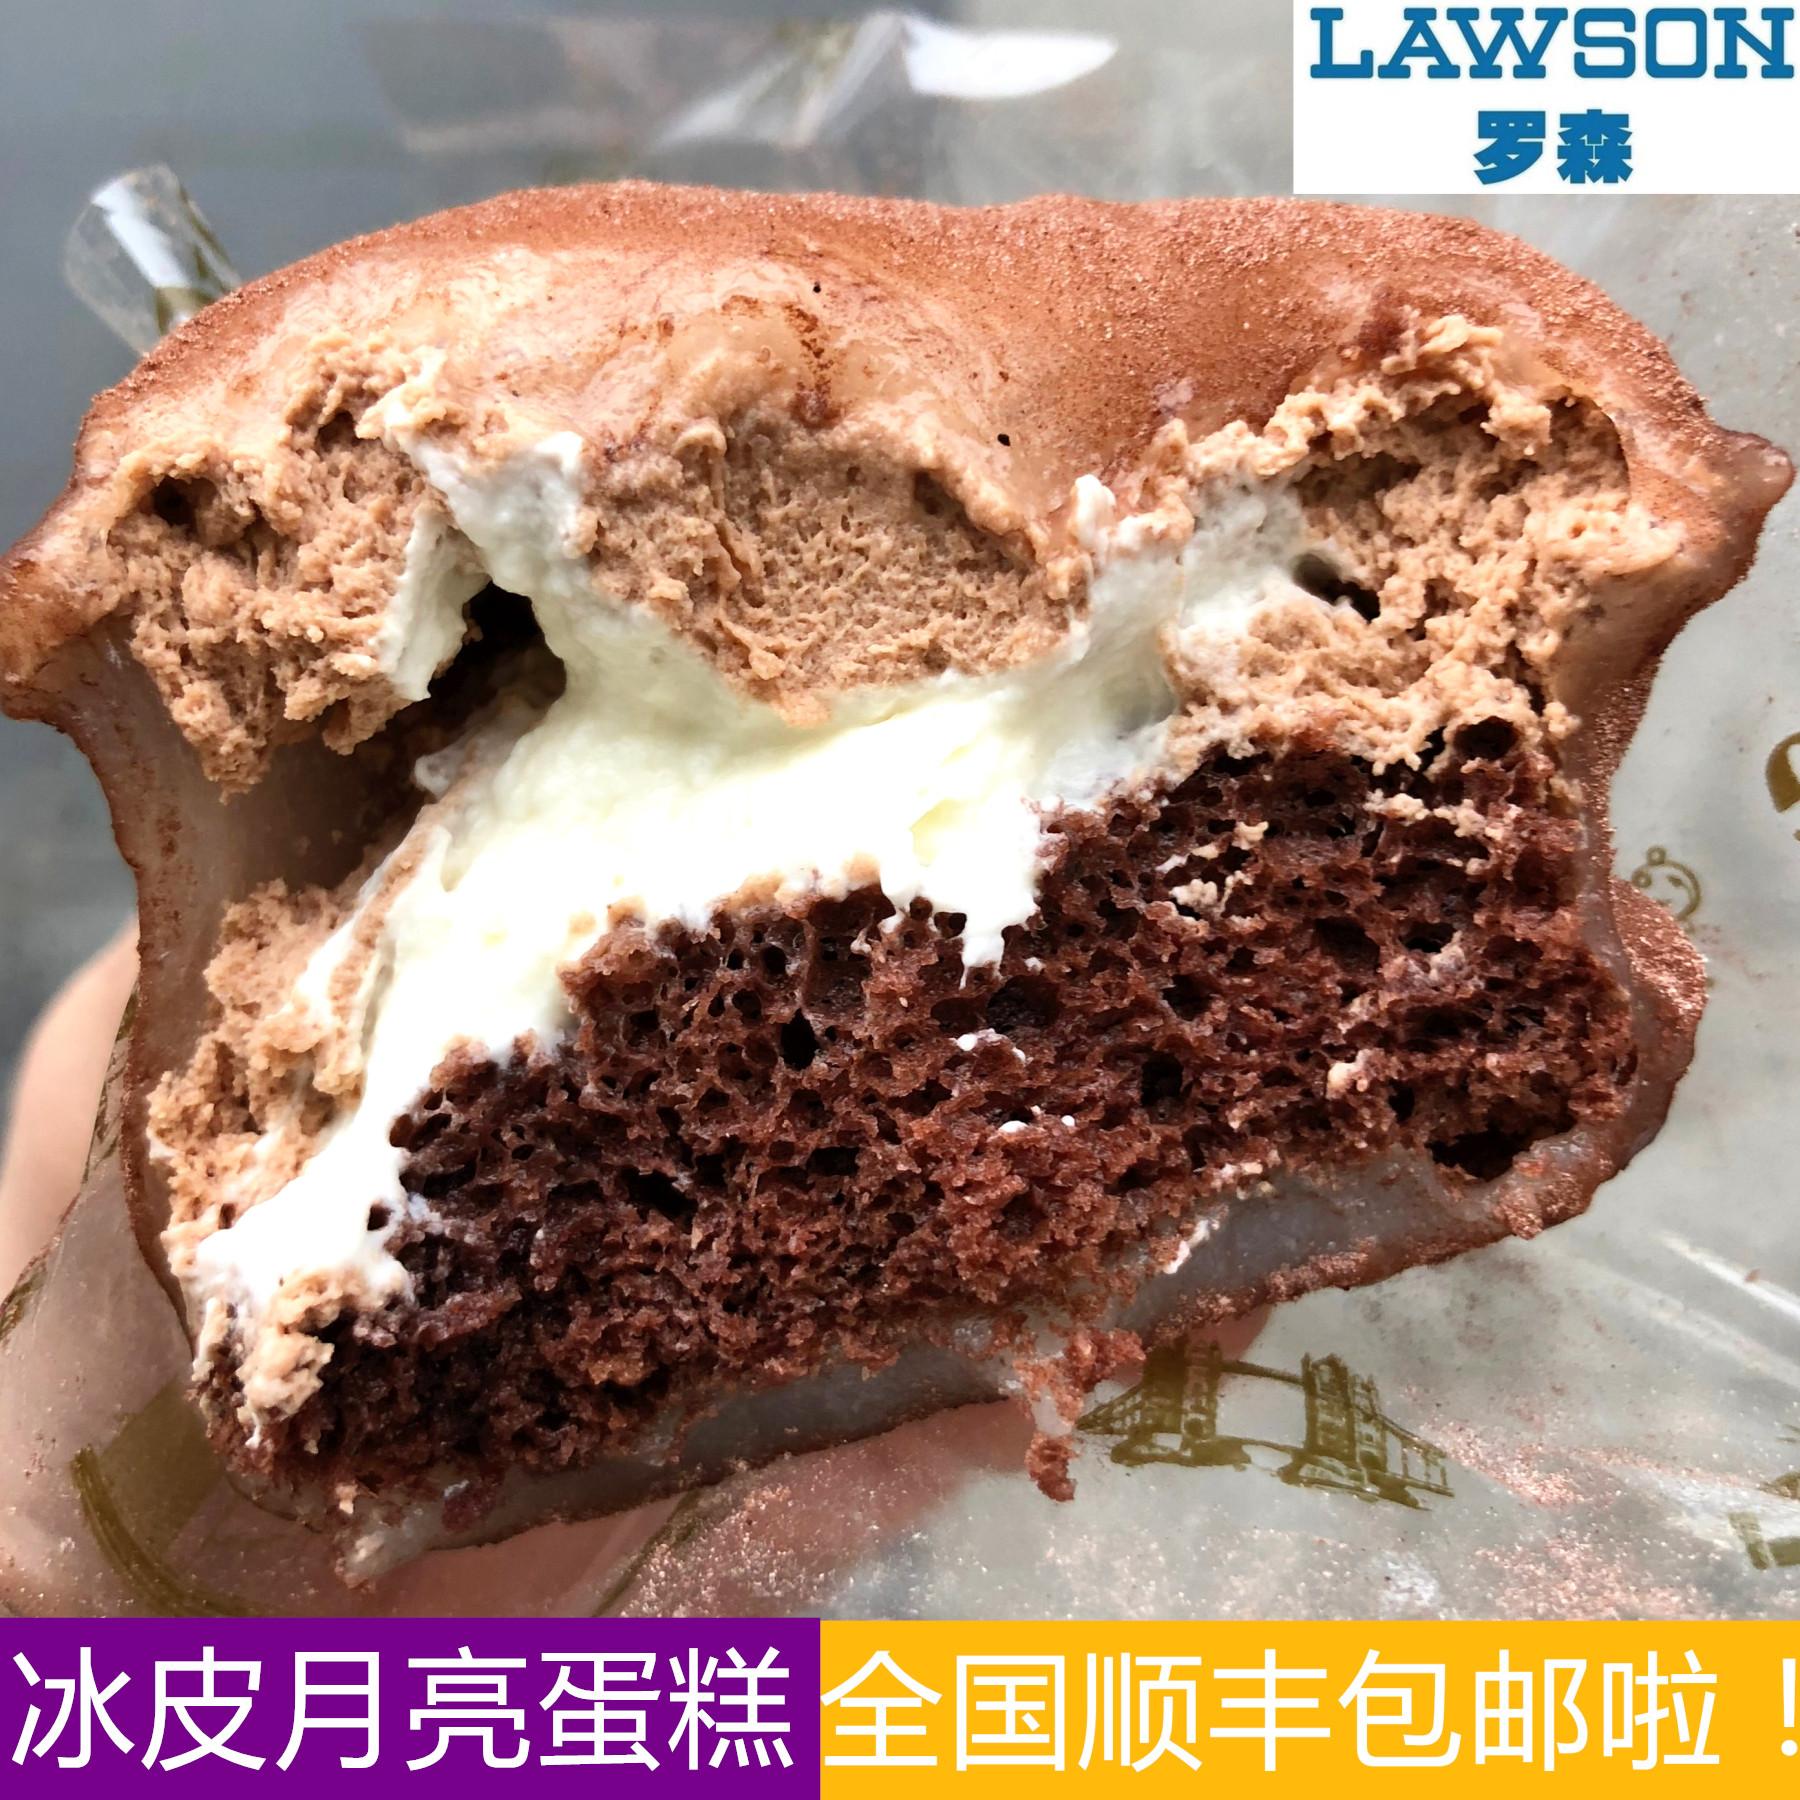 罗森便利店 人气冰淇淋蛋糕美食甜点 冰皮月亮蛋糕 全国顺丰包邮